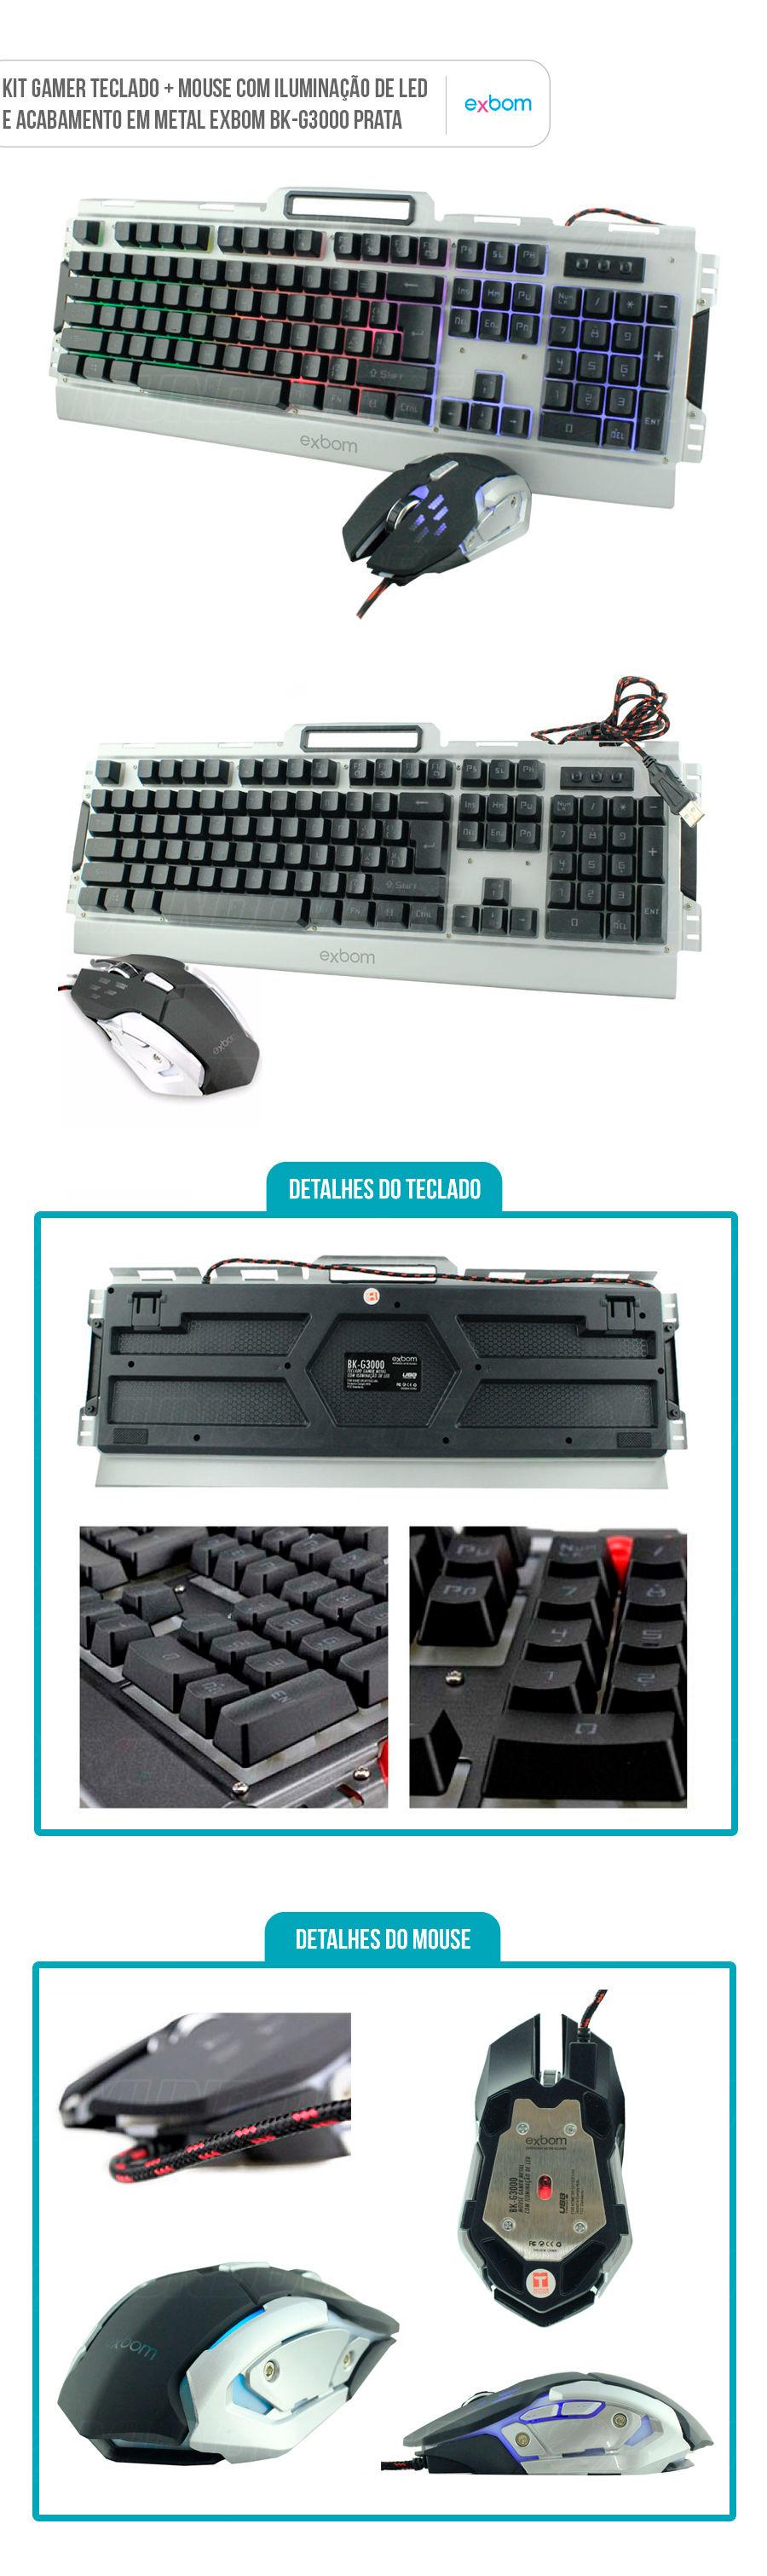 Kit Teclado e Mouse Gamer Semimecânico com Iluminação Led e Acabamento em Metal cor Prata